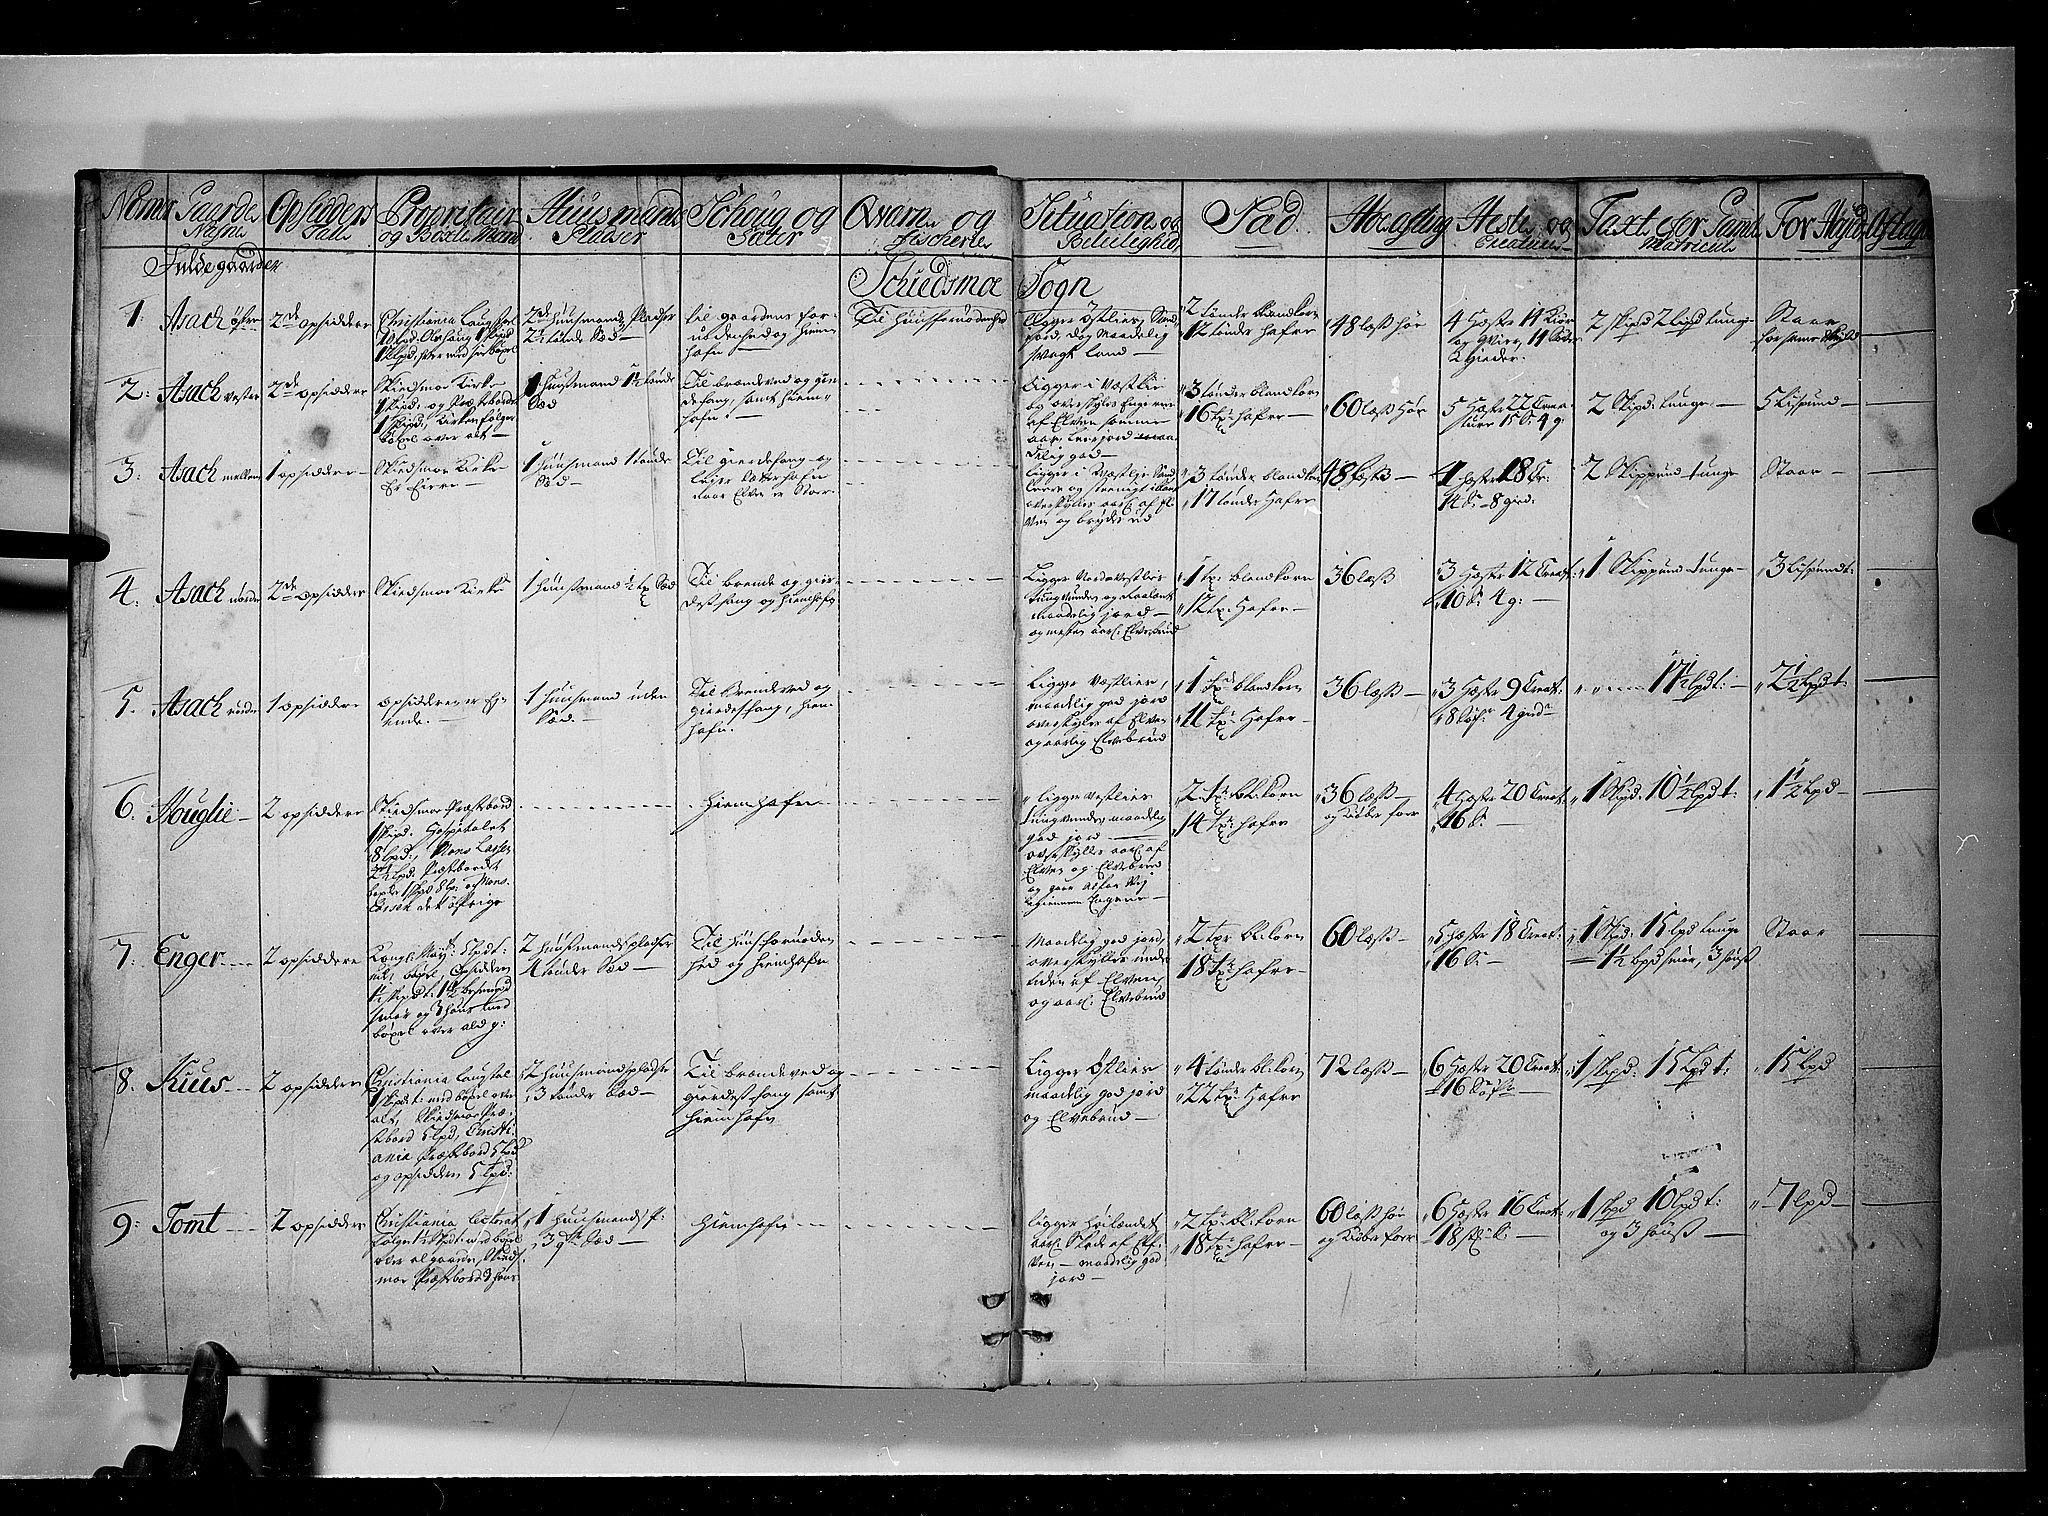 RA, Rentekammeret inntil 1814, Realistisk ordnet avdeling, N/Nb/Nbf/L0091: Nedre Romerike eksaminasjonsprotokoll, 1723, s. 1a